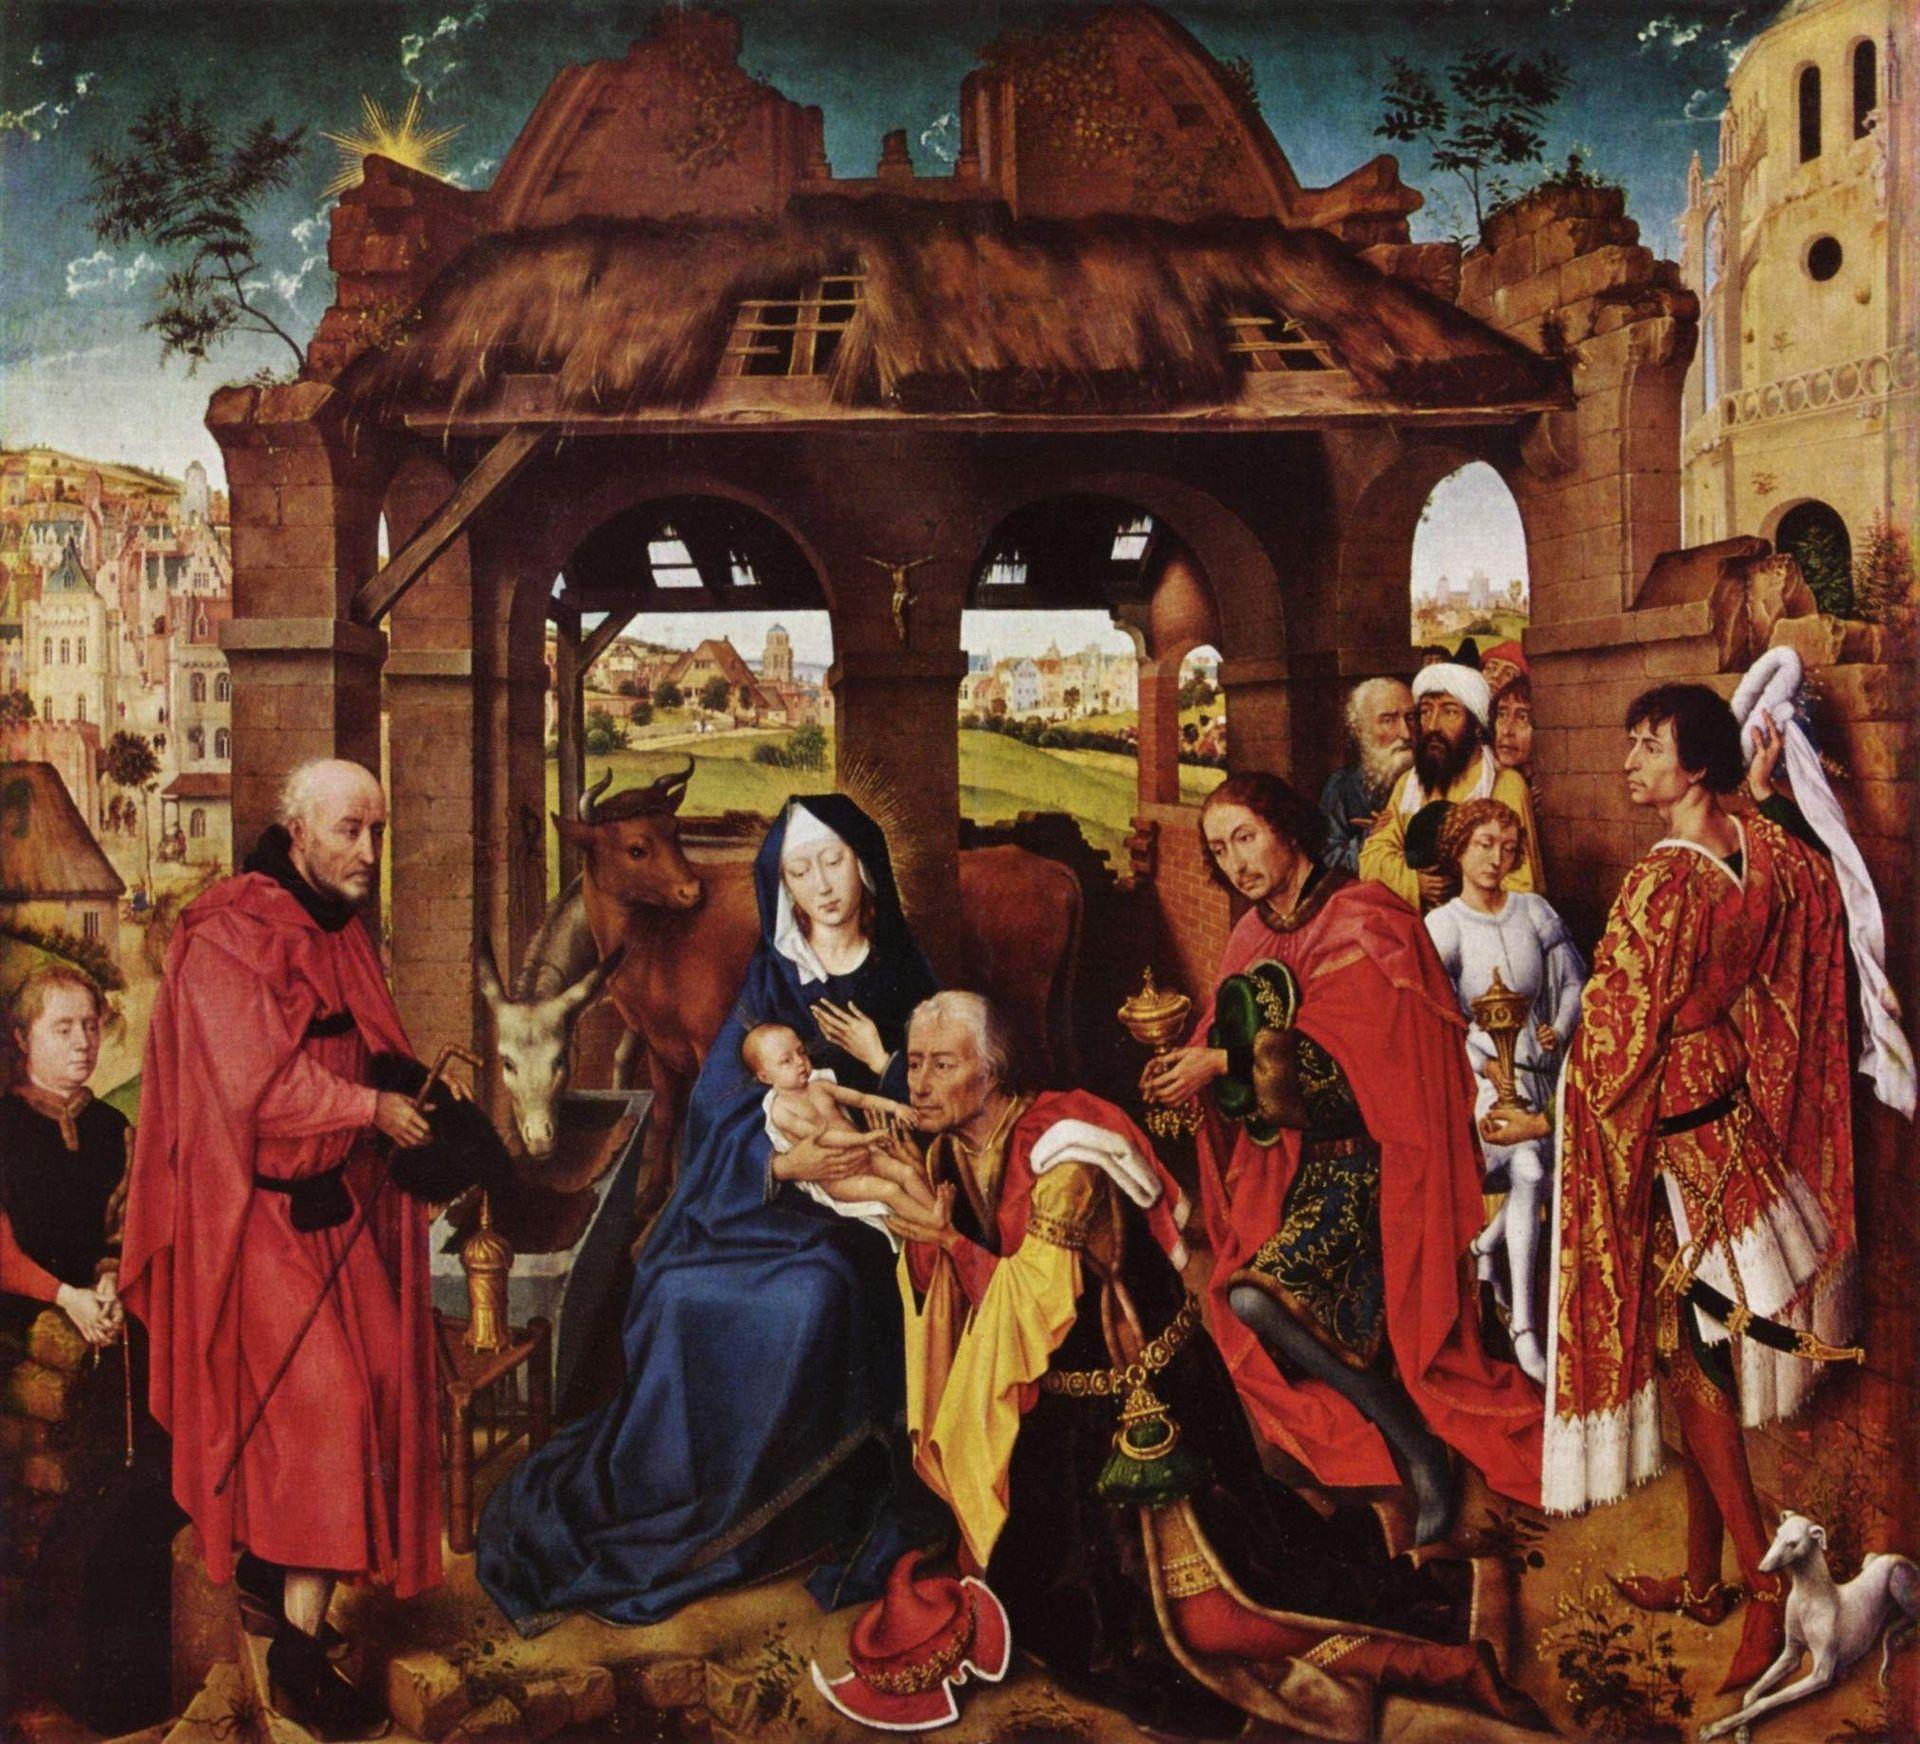 Rogier van der Weyden, Anbetung der heiligen drei Könige, Mitte 15. Jh.